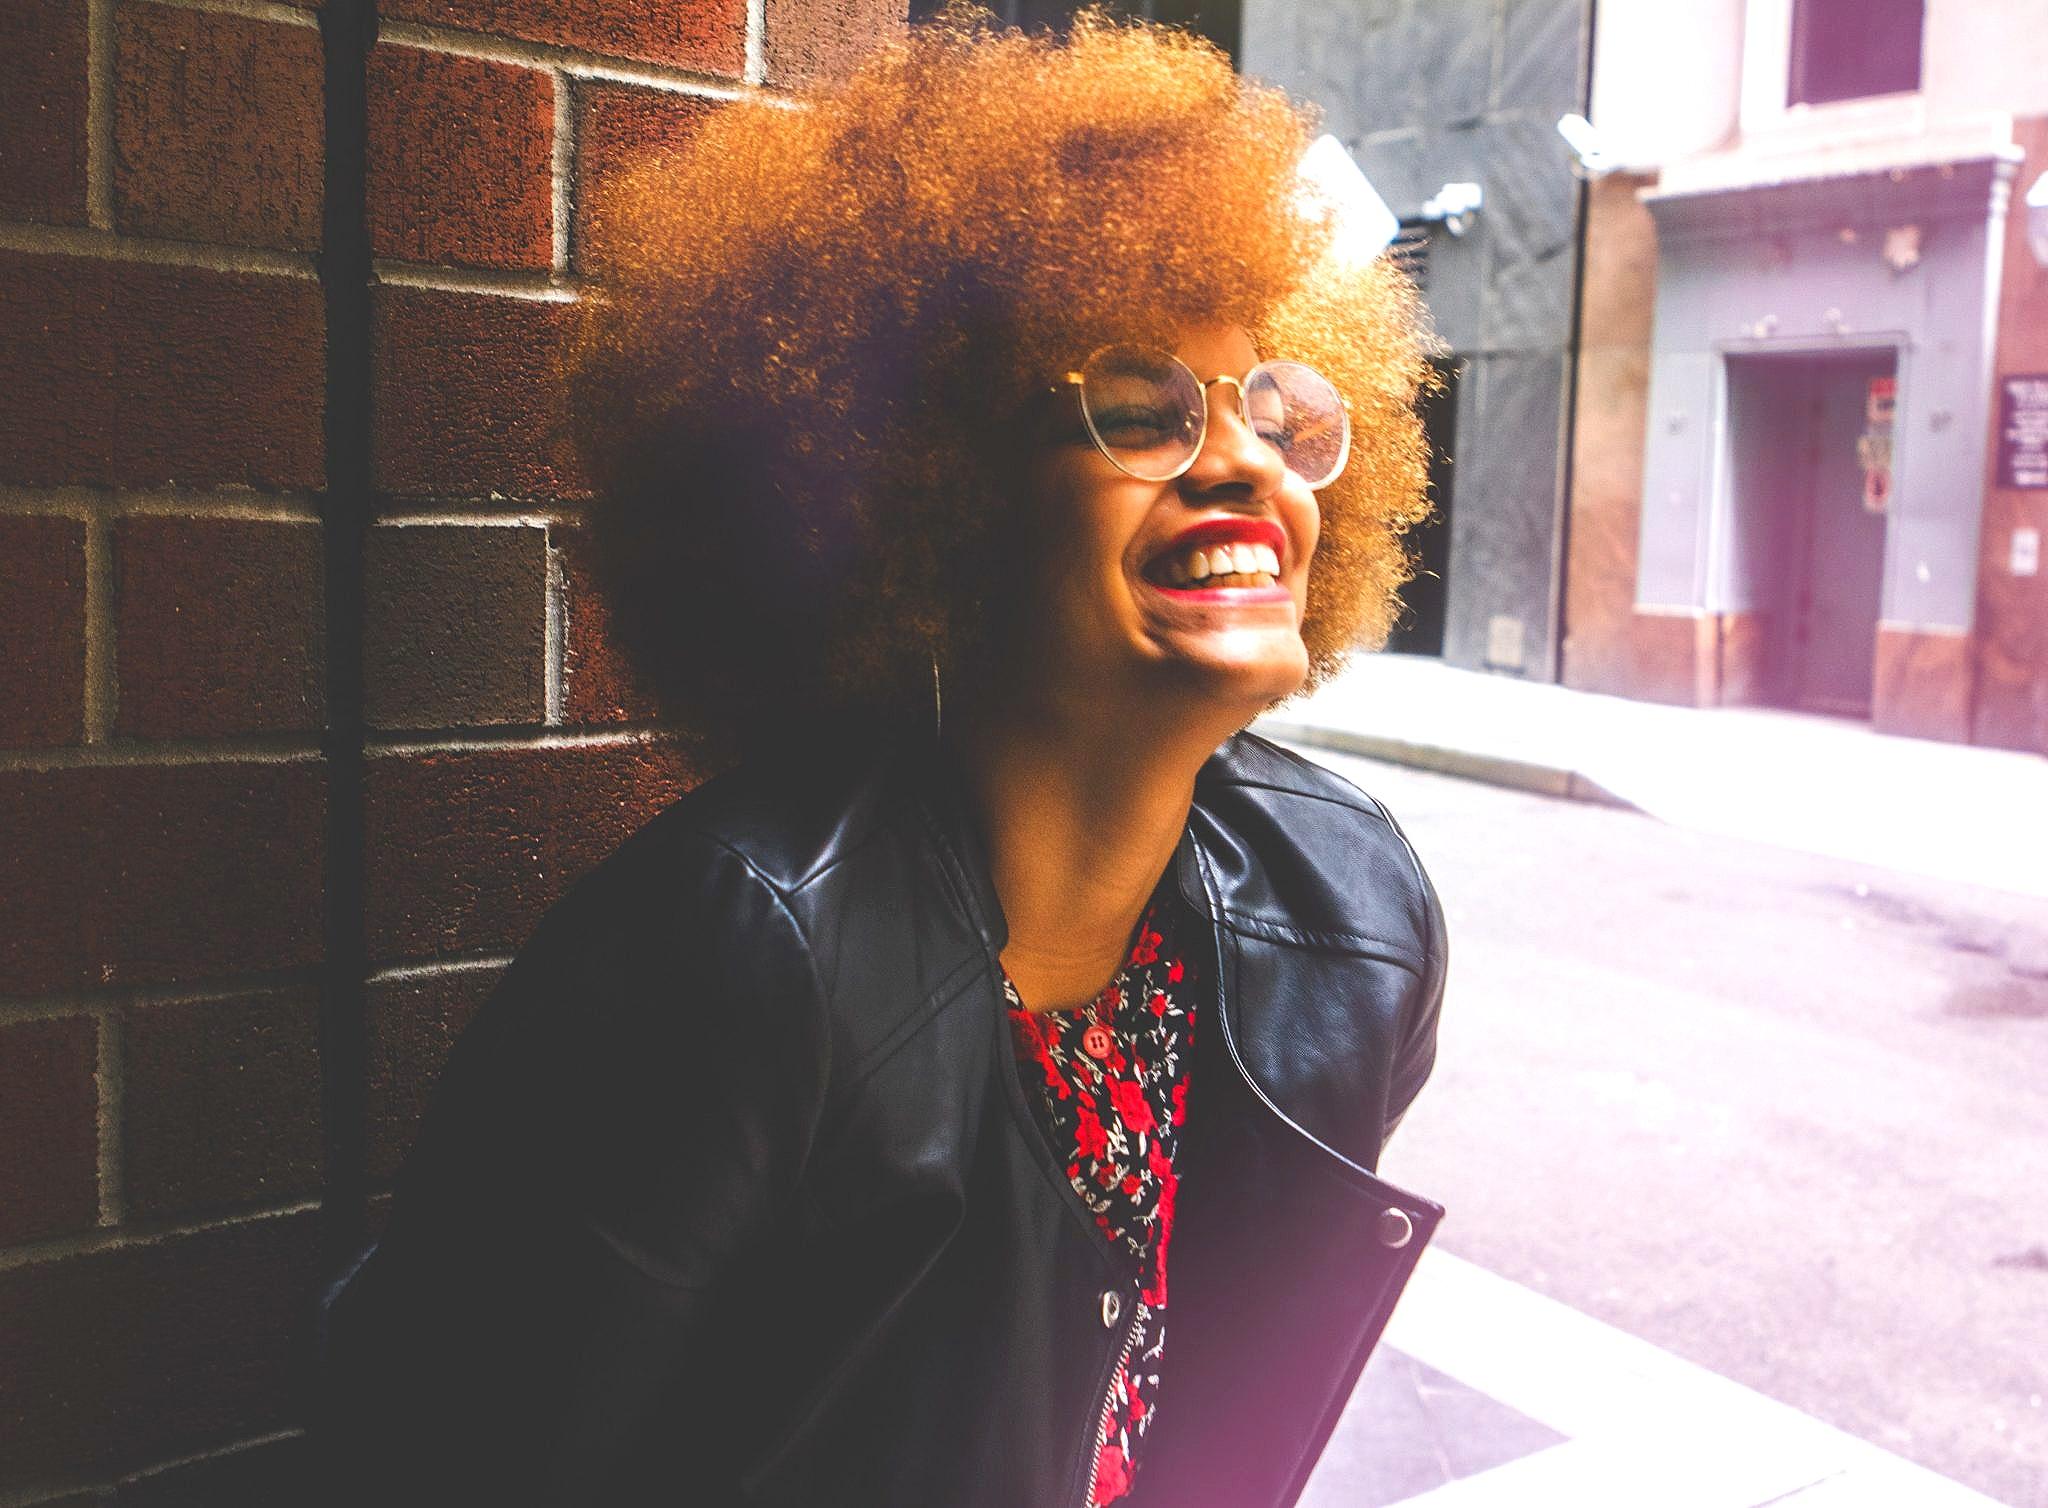 black+woman+joy.jpg